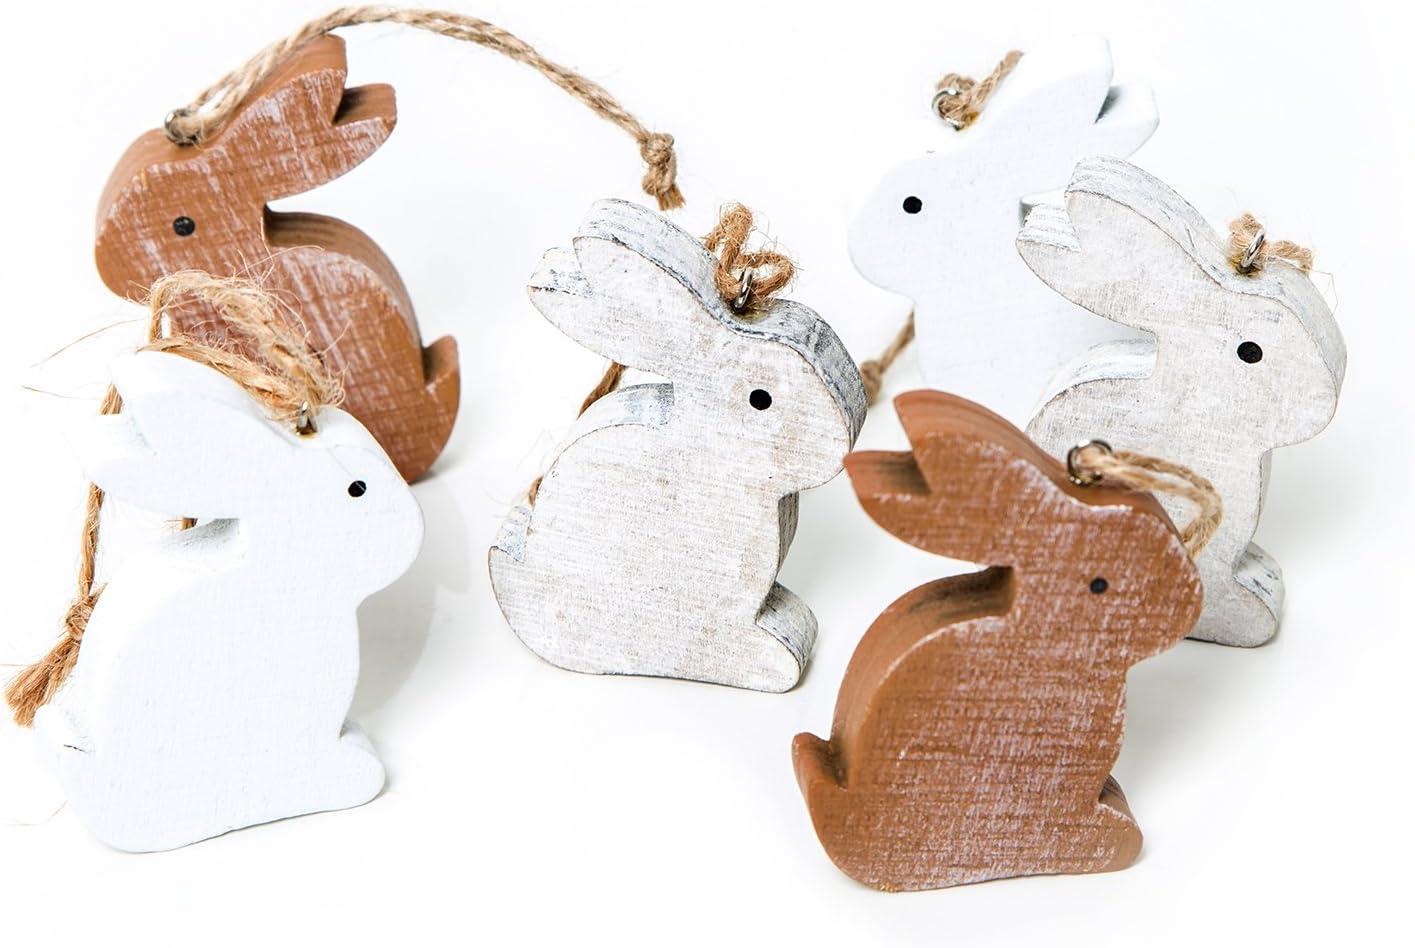 les d/écorations de P/âques P/âques 6/Petits Lapins cadeau pendentif Gris Marron et Blanc Naturel en bois /à suspendre 10/cm sans ficelle Lapin D/écoration P/âques d/écorative /à bijoux cadeaux